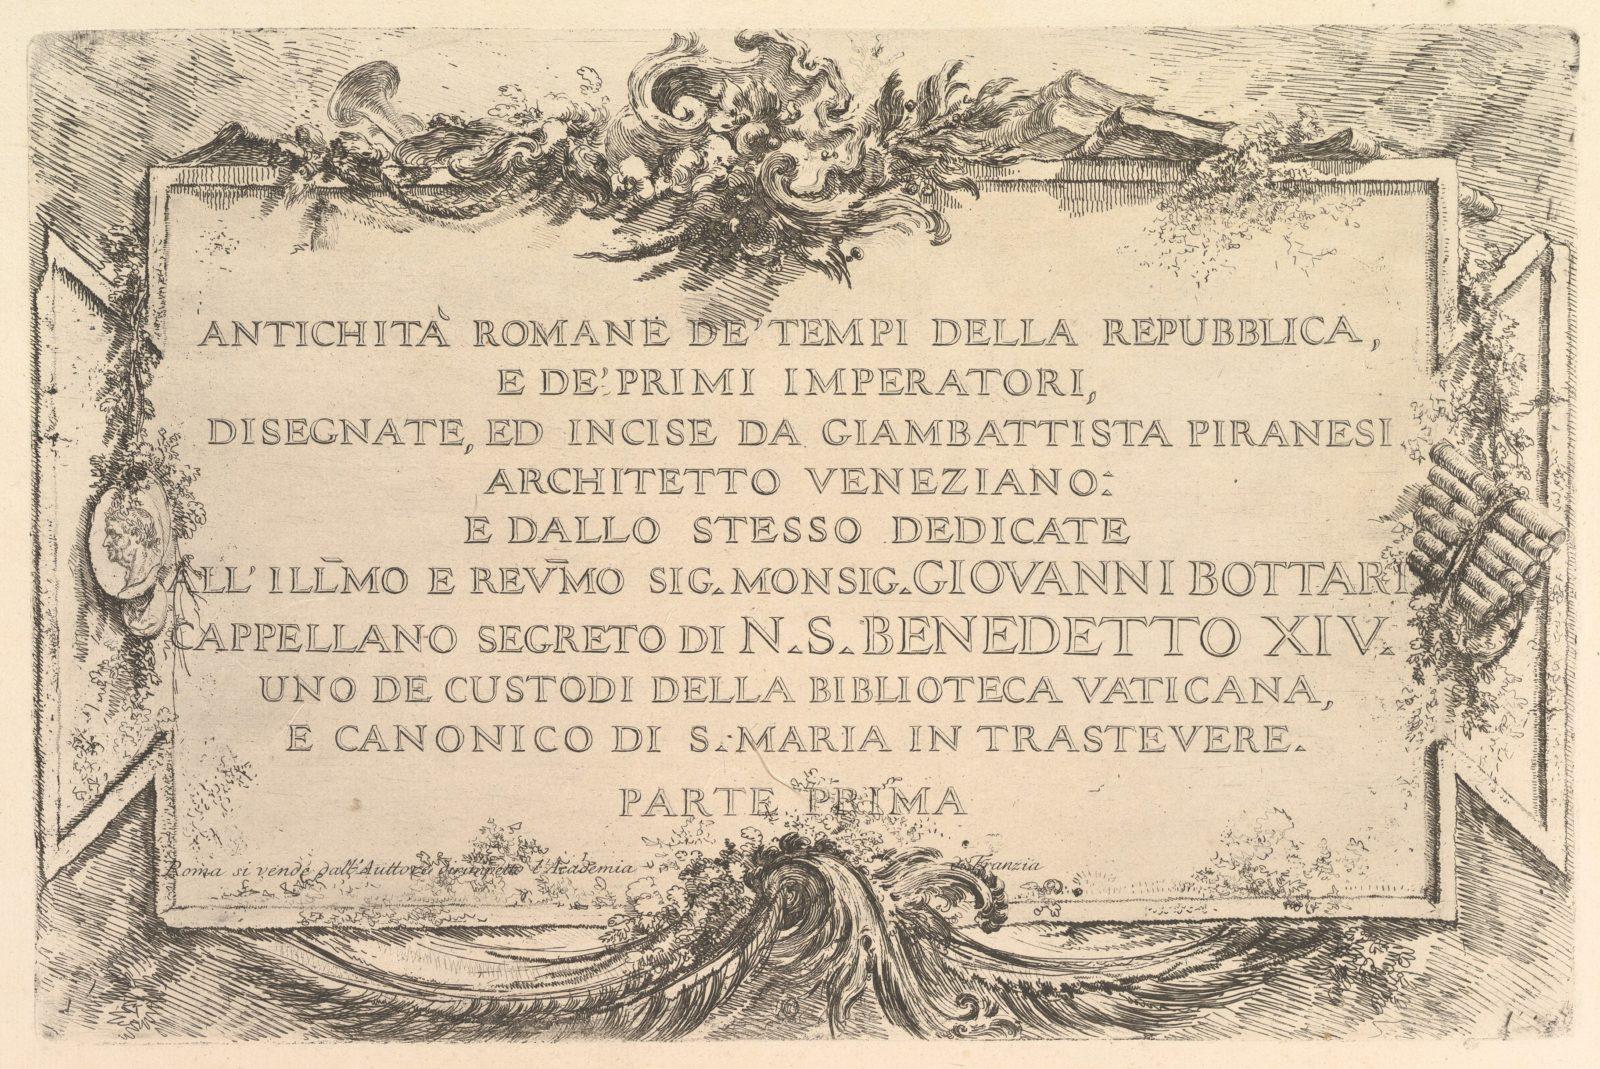 Title page: Roman Antiquity of the Time of the Republic and the First Emperors (Antichità Romane de' Tempi della Repubblica, e de' primi Imperatori).